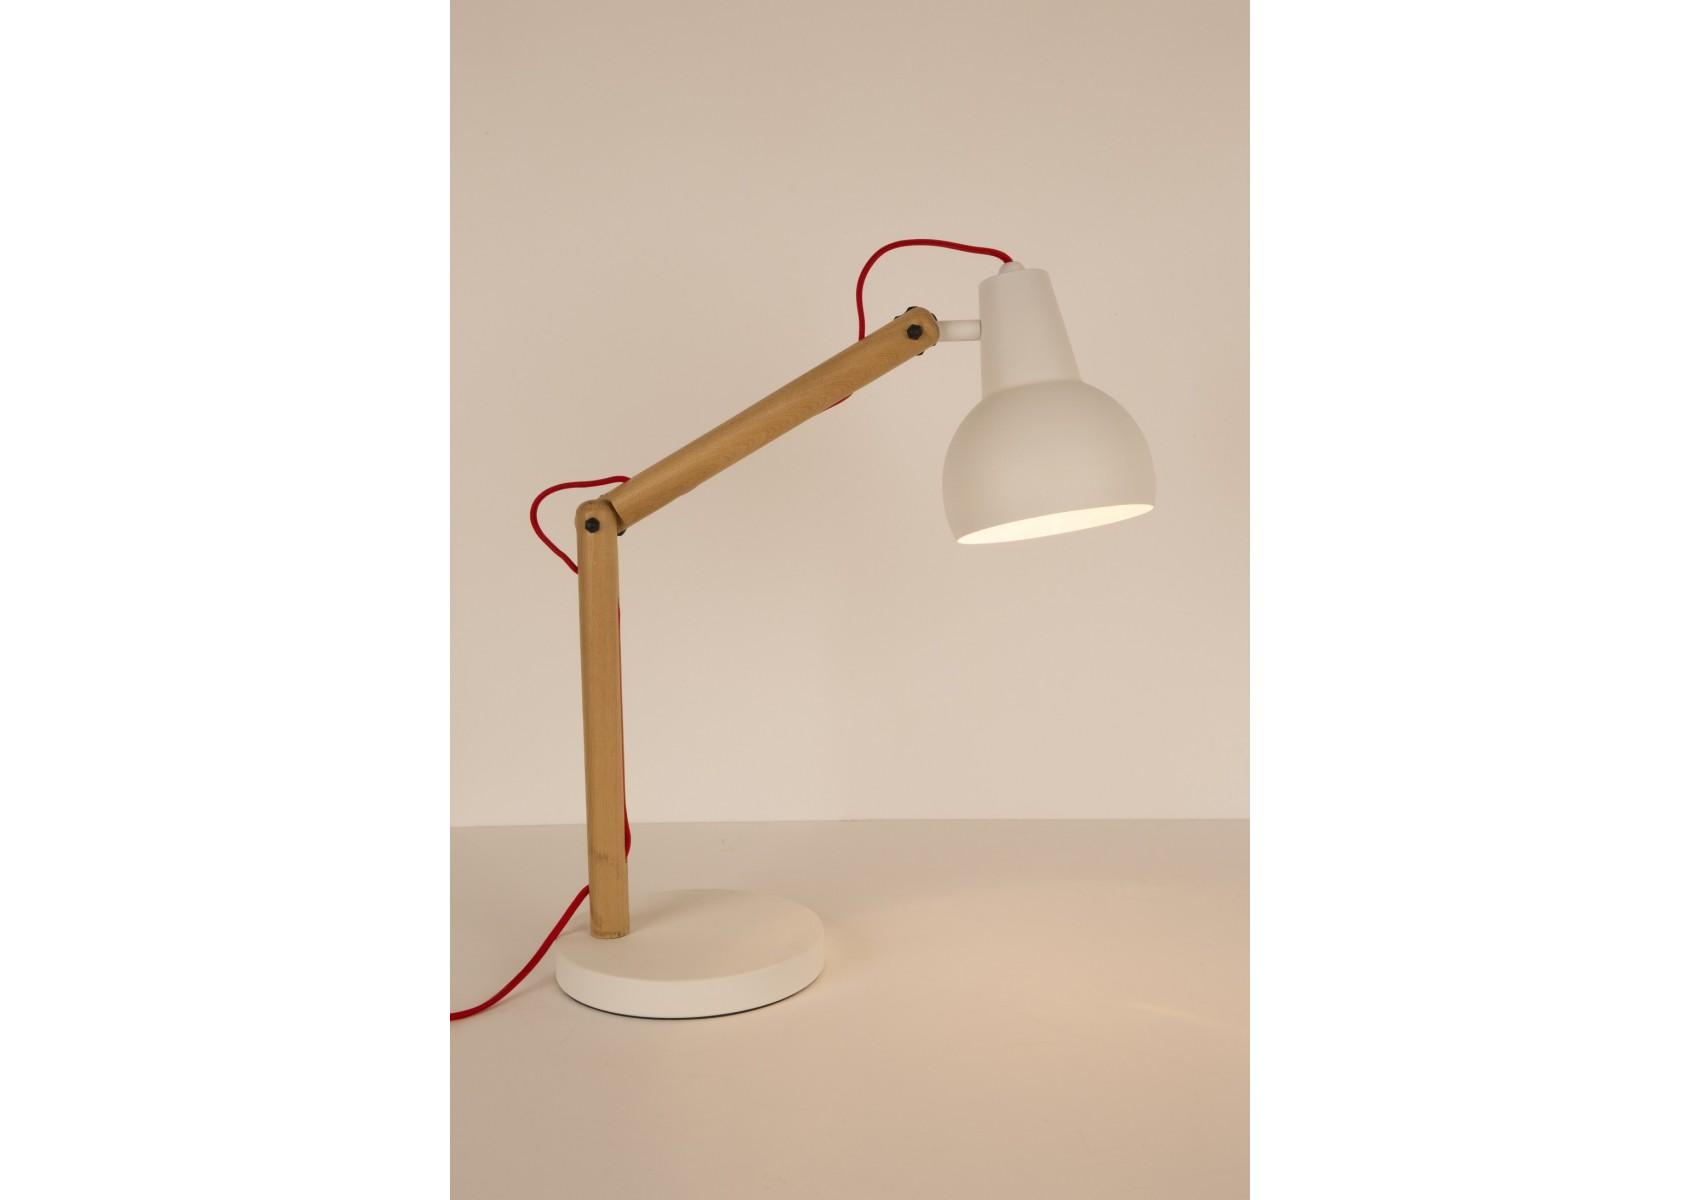 lampe d corative design study deco zuiver boite design